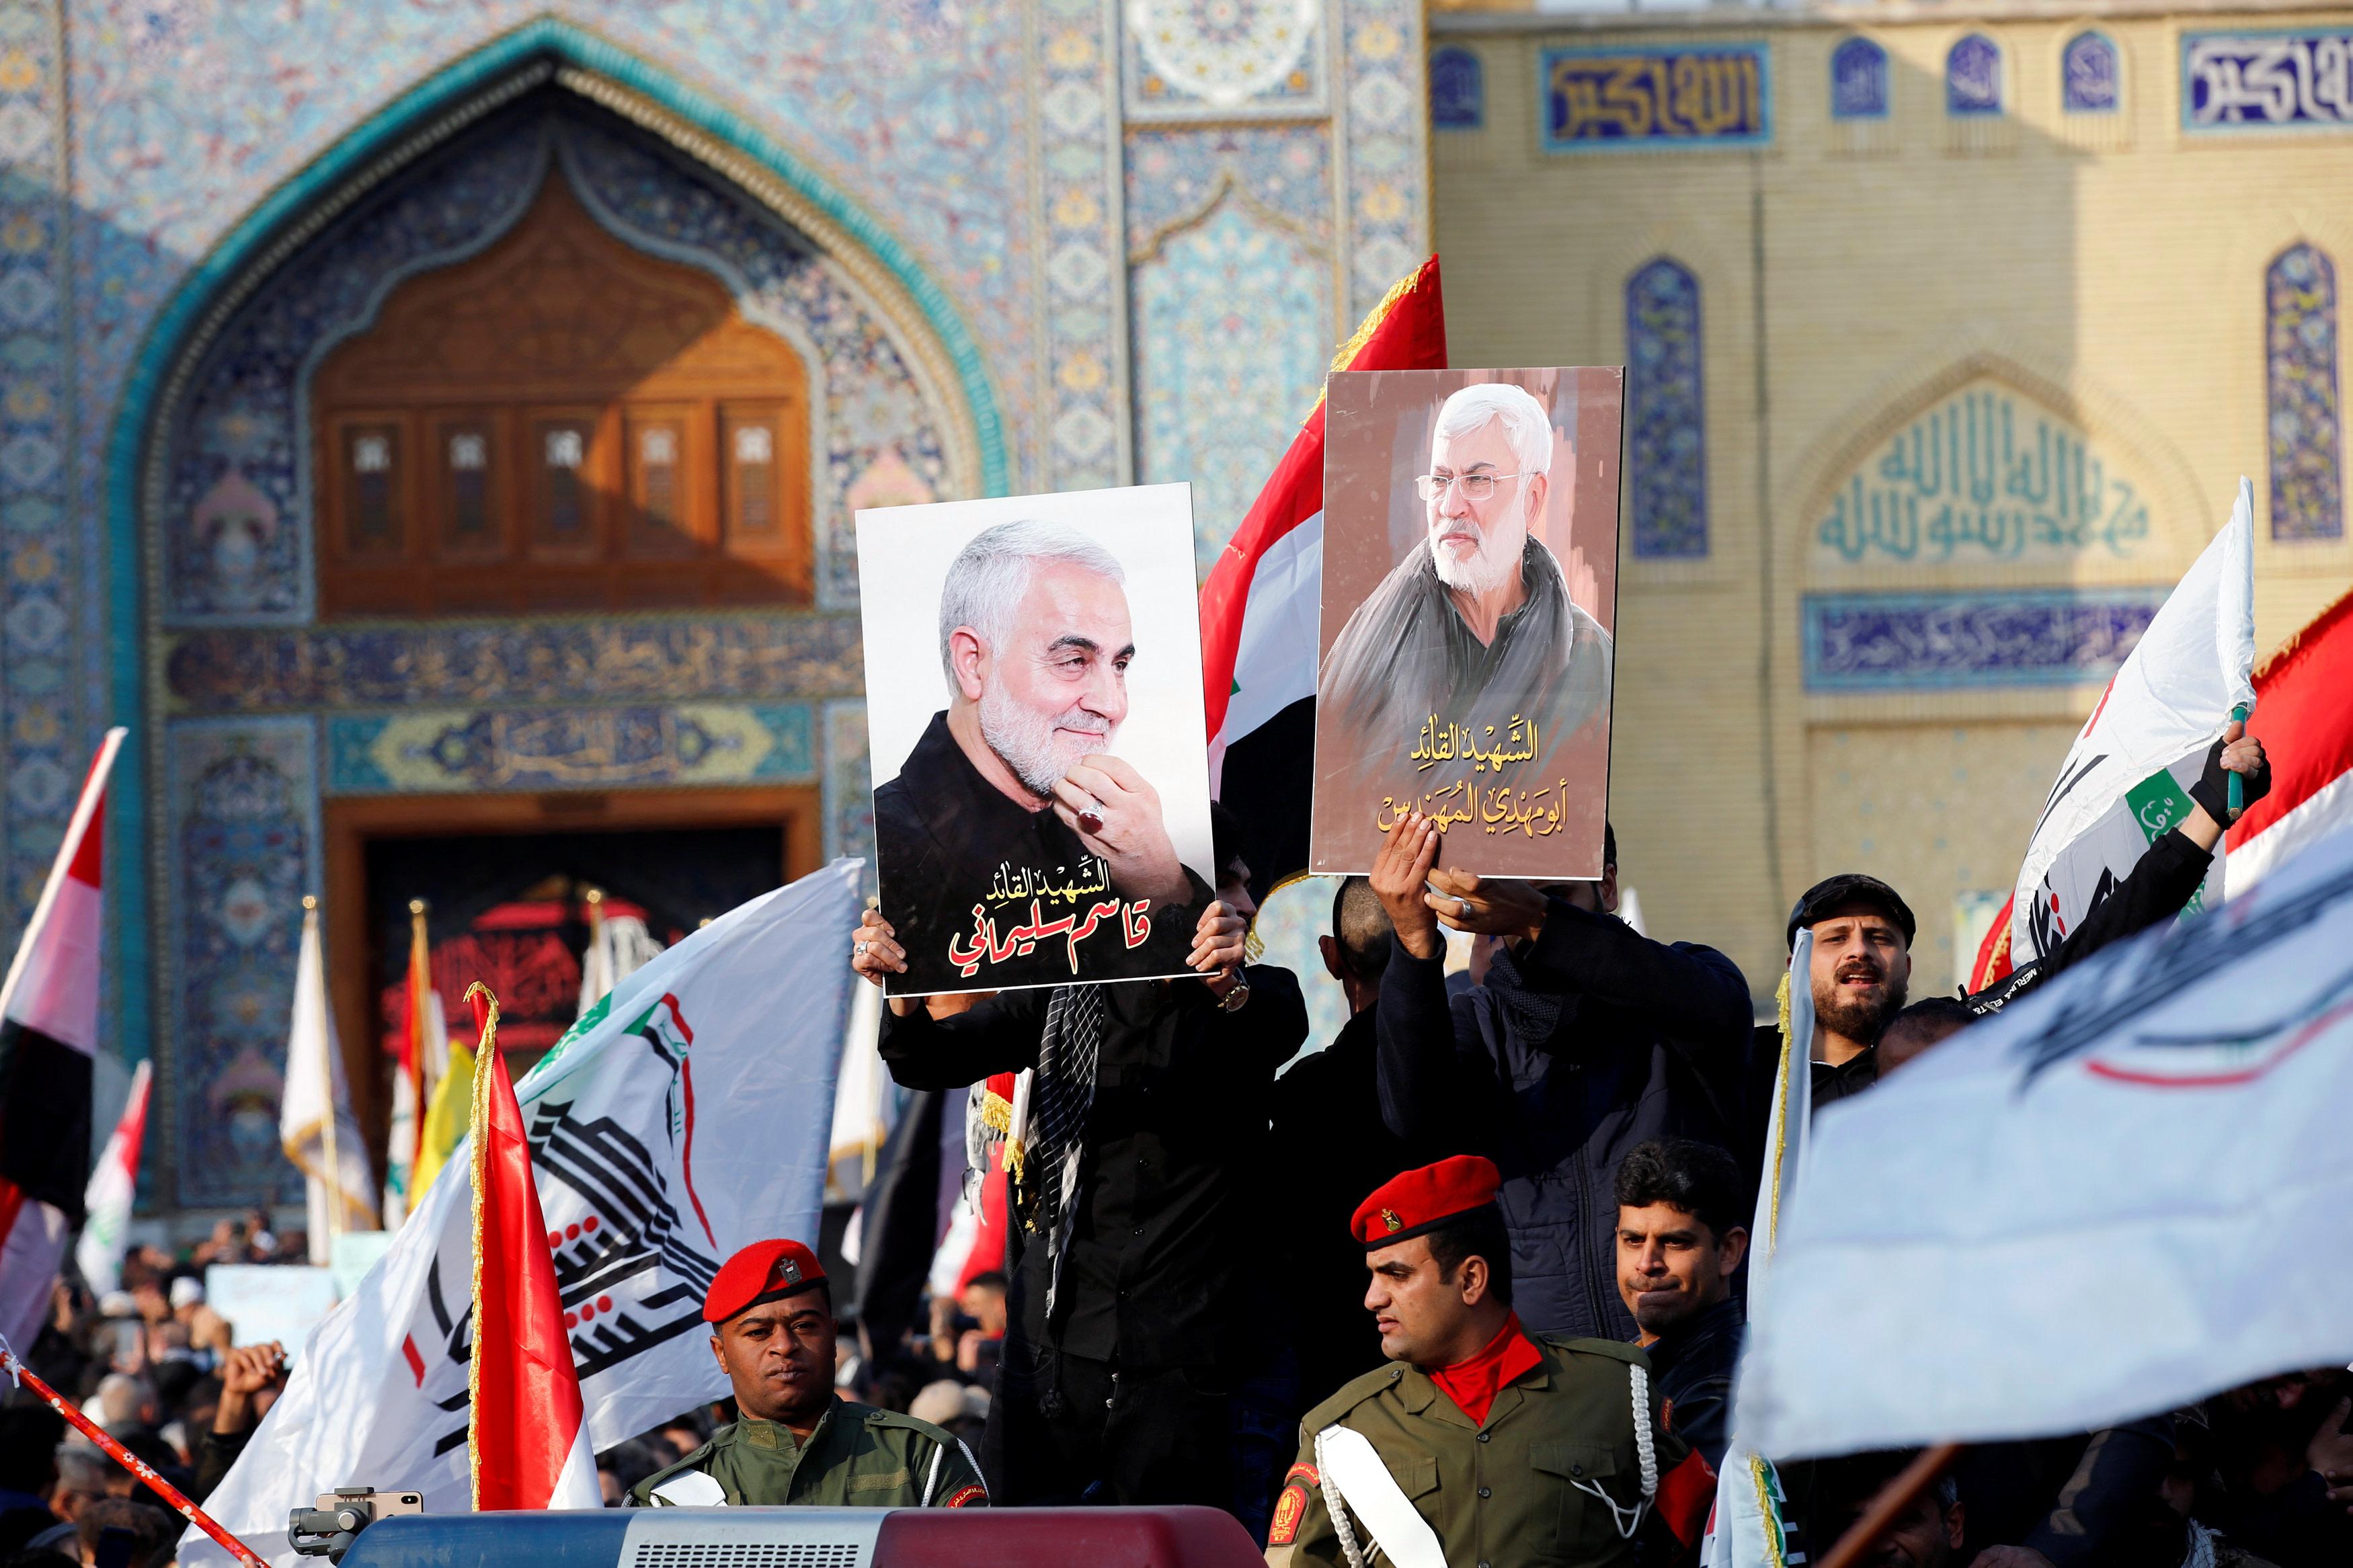 מסע הלוויה של קאסם סולימאני ואבו מהדי אל-מוהנדס. צילום: רויטרס